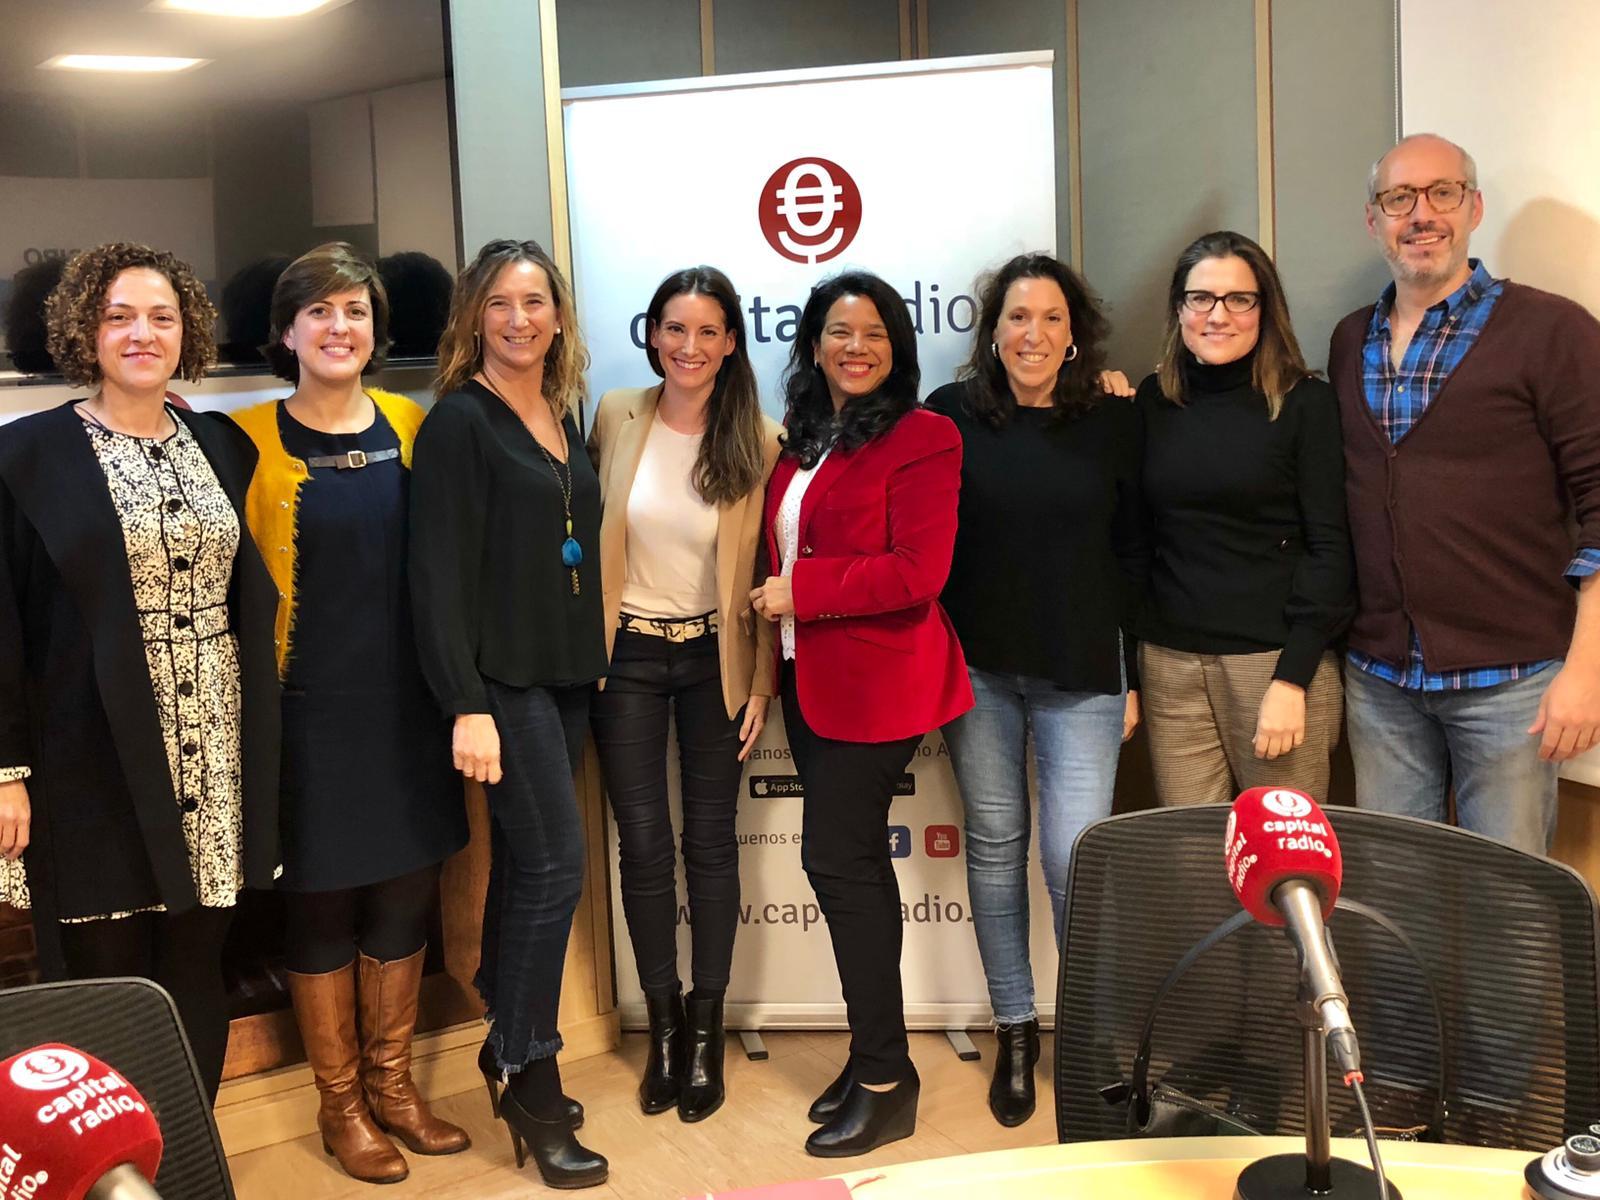 mujeres ciberseguridad direccion afterwork capital radio noticias seguridad informatica bit life media monica valle